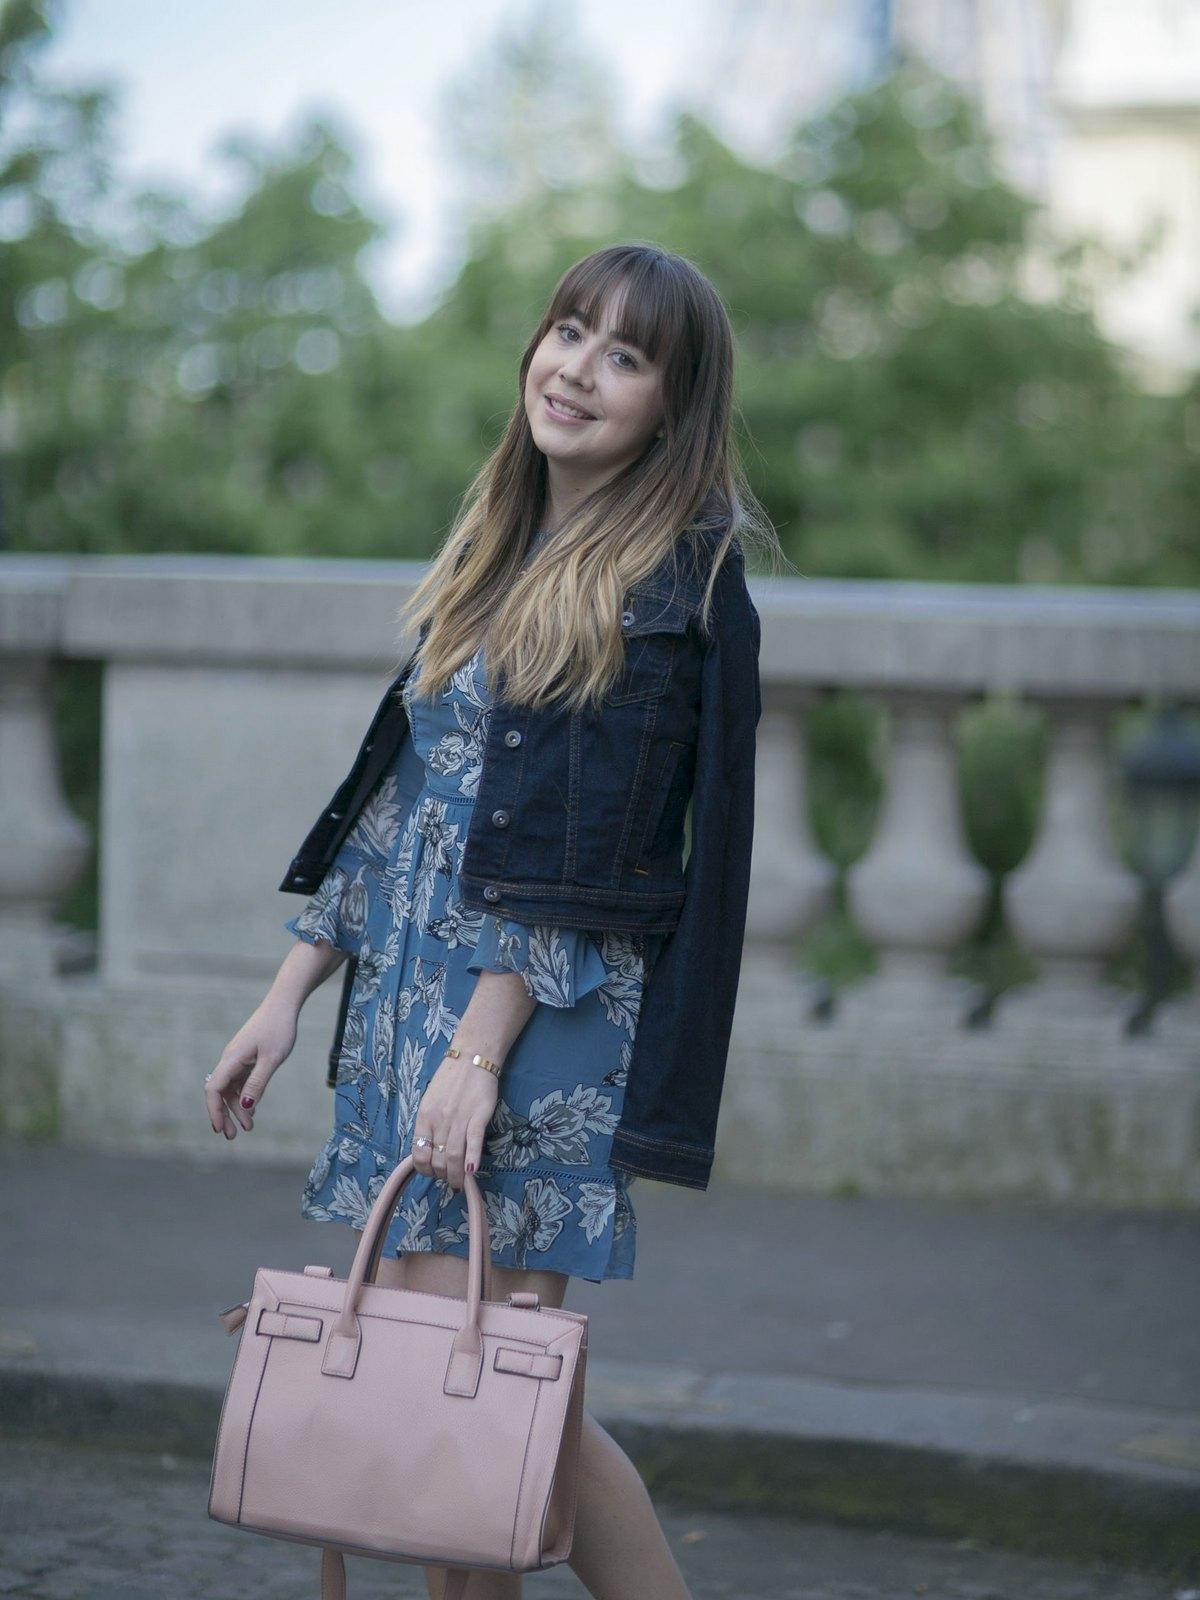 avenue des camoëns - paris - look justfab - justfab outfit - du style madame